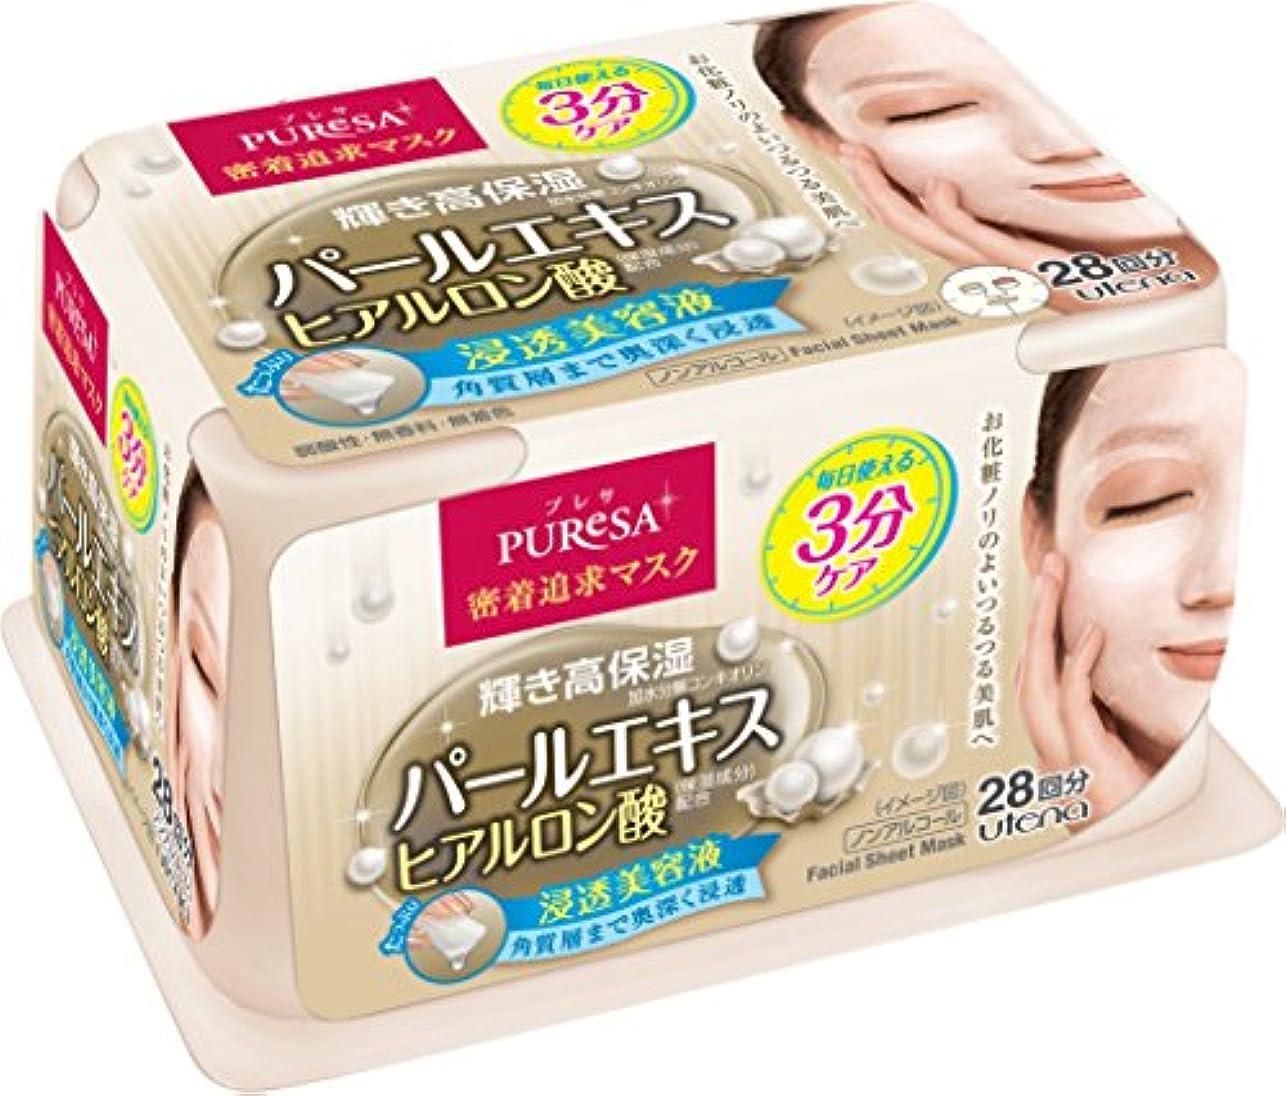 puresa(プレサ) デイリーケアマスク パールエキス 28回分 (300mL)